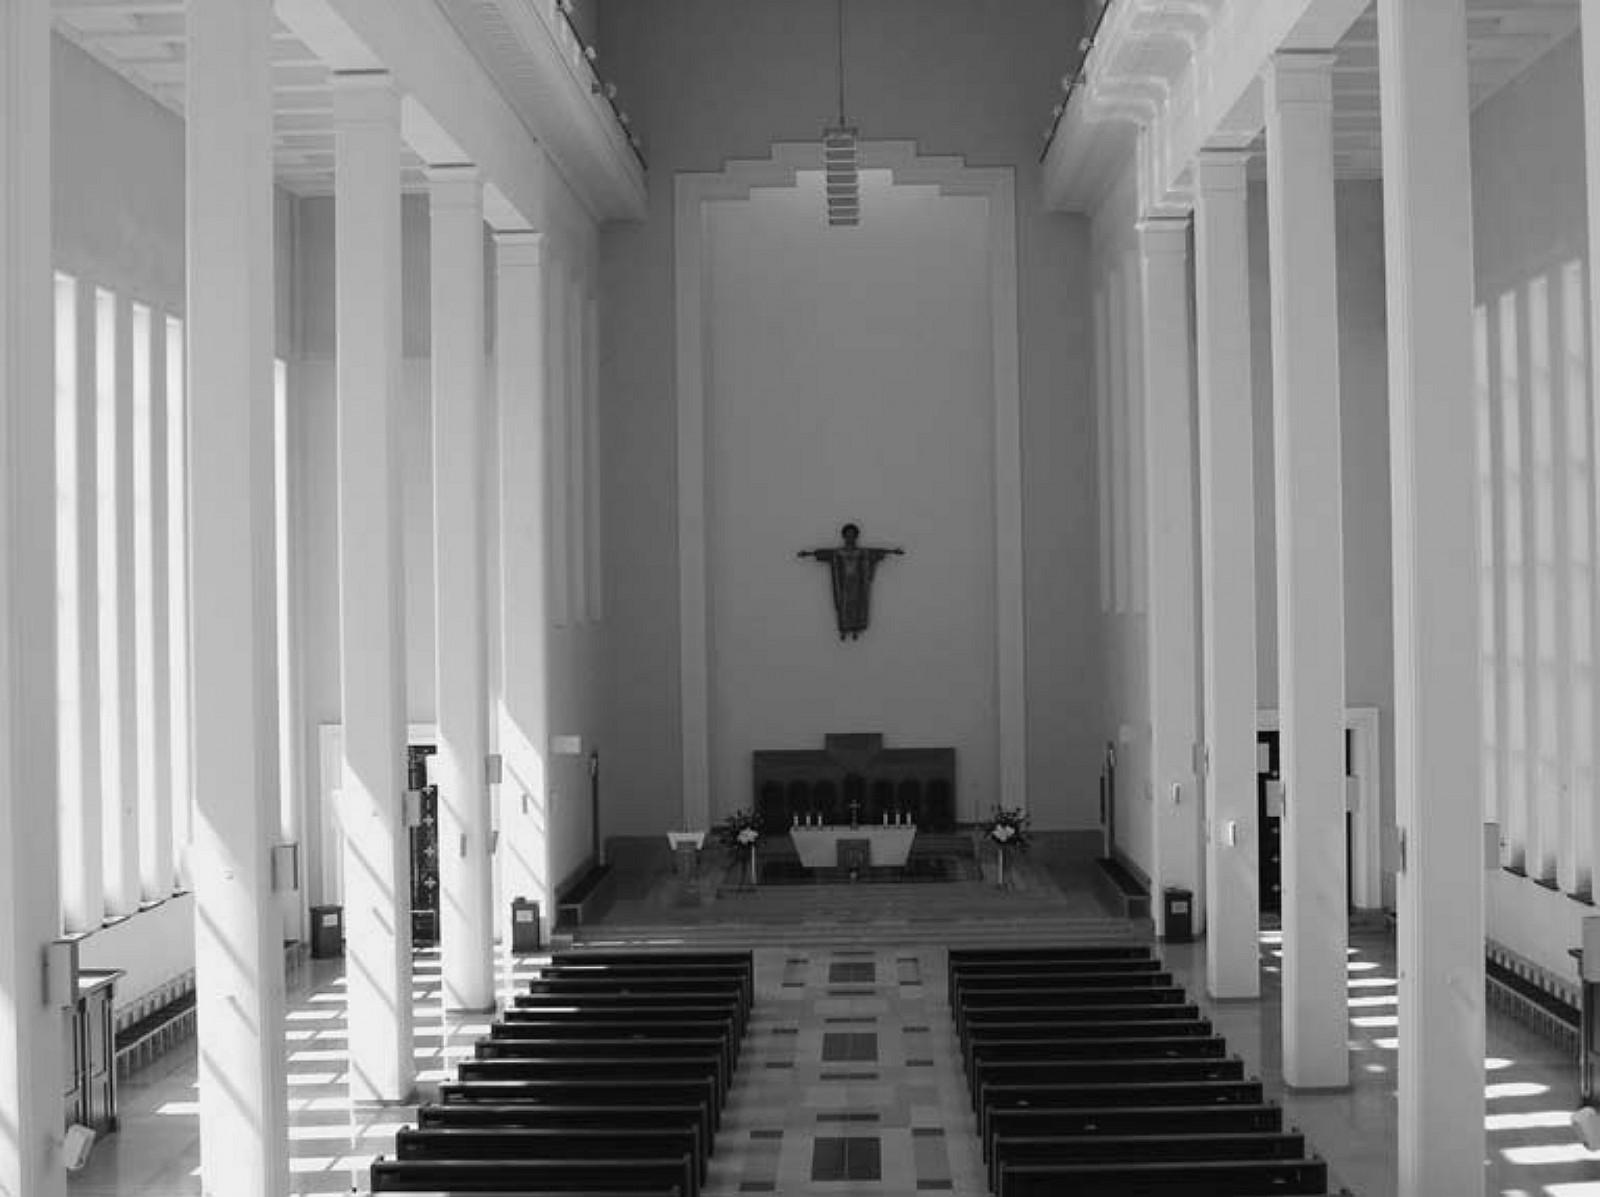 16 il. Didžiosios Kristaus Prisikėlimo bažnyčios vidus: interjero įrenginių išsidėstymas erdvėje, 2011, Aido Vasiliausko nuotrauka